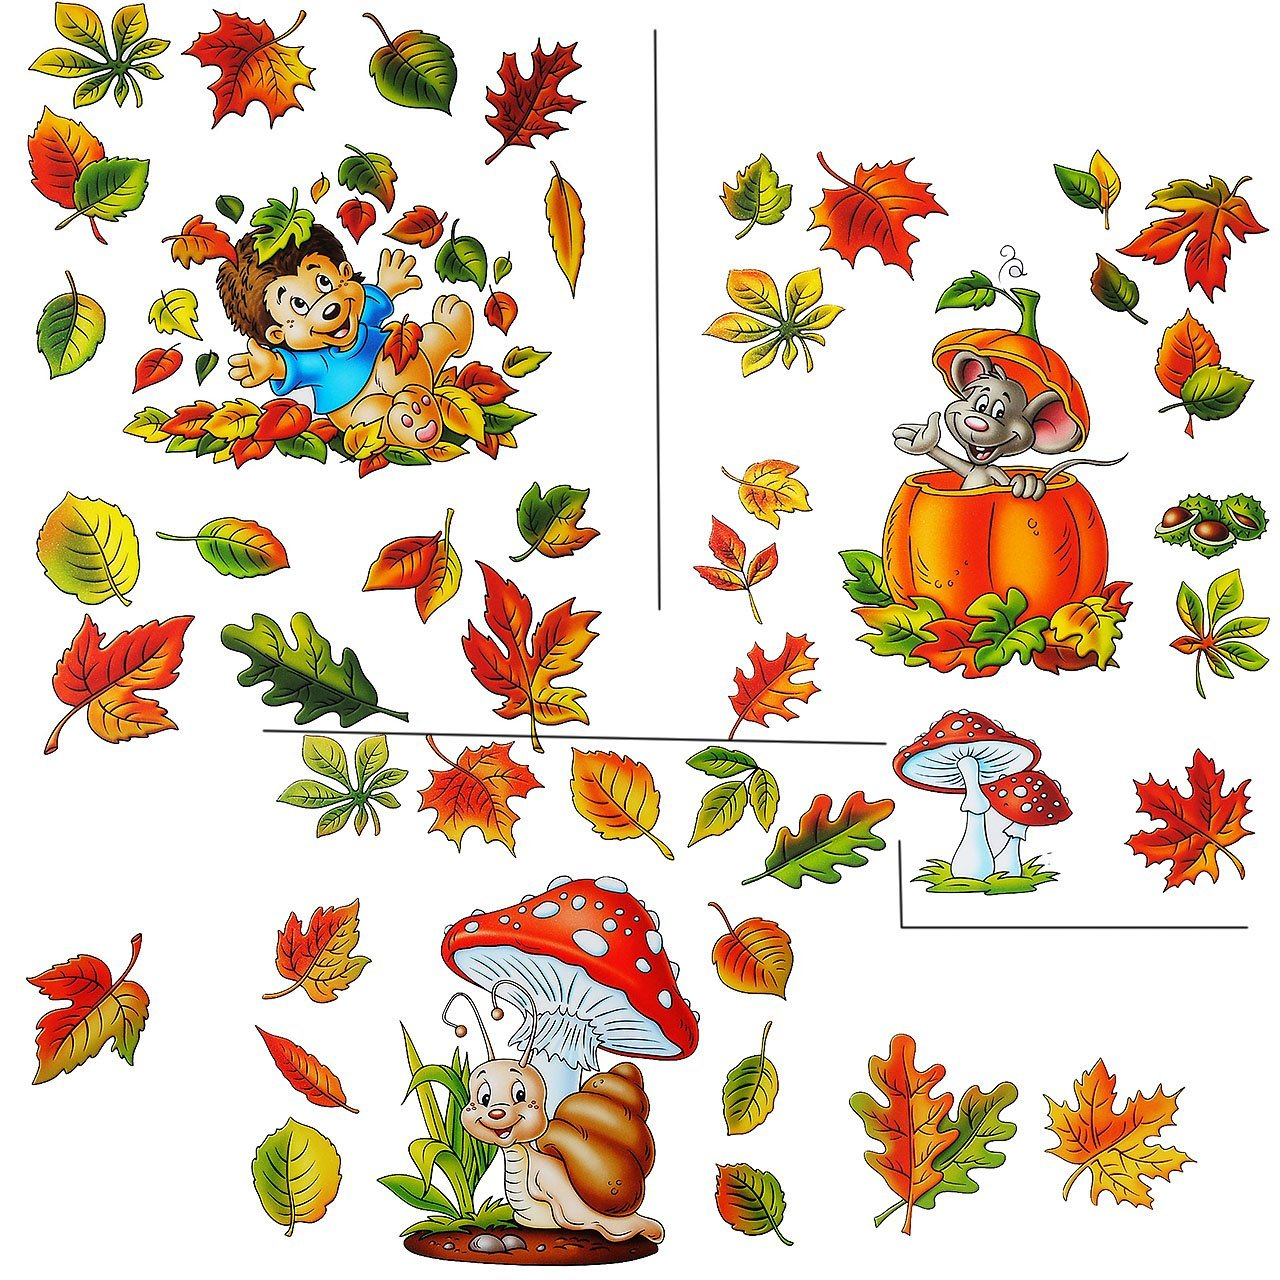 Unbekannt 1 Bogen: Fensterbilder lustige Tiere im Herbst - Blätter / Igel / Maus / S.. Kinder-land